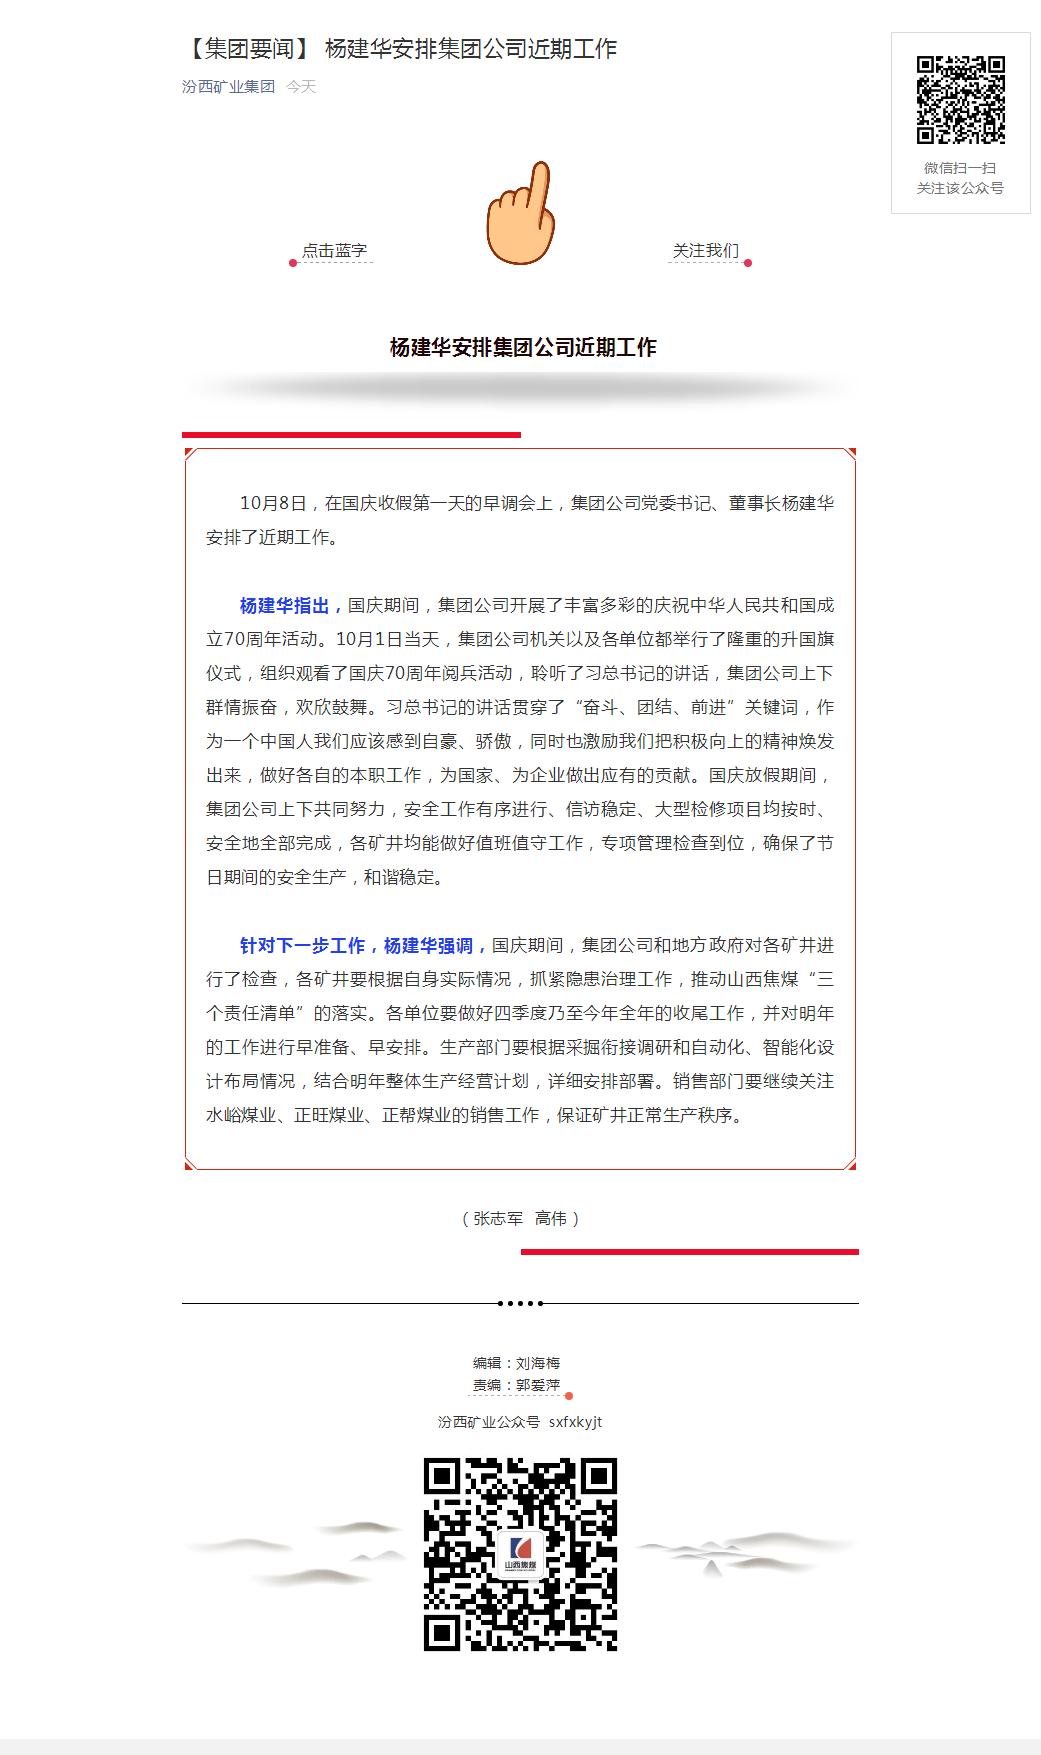 楊建華安排集團公司近期工作.png